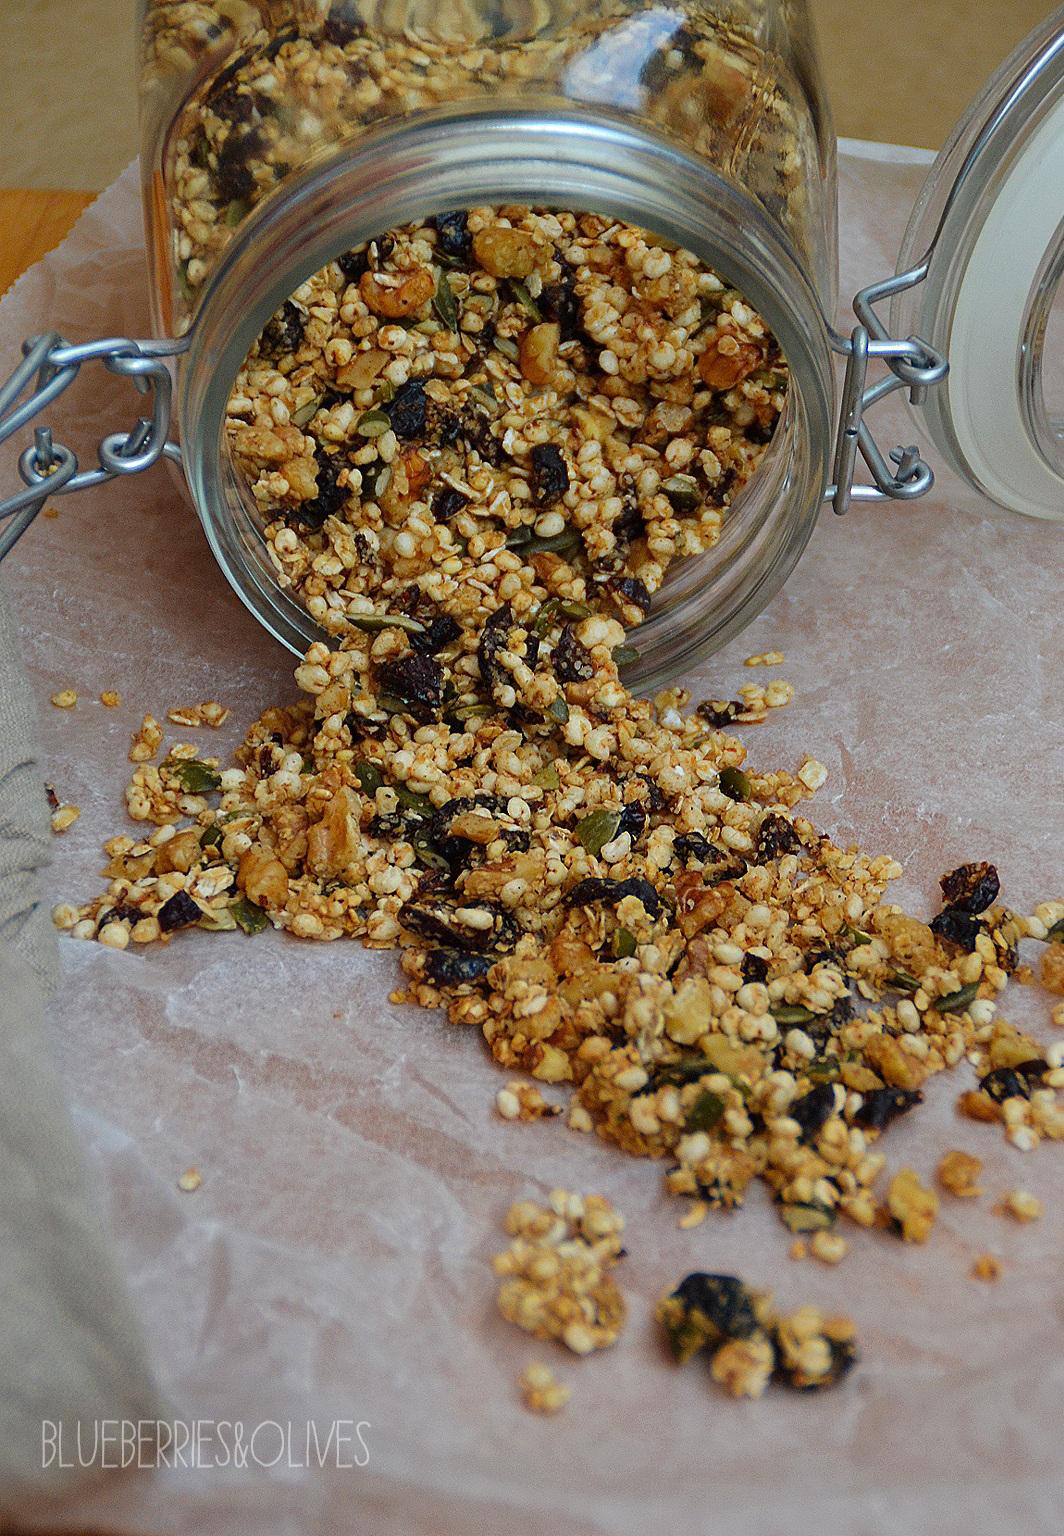 Muesli casero con arándanos rojos, nueces y sirope de arce - 2